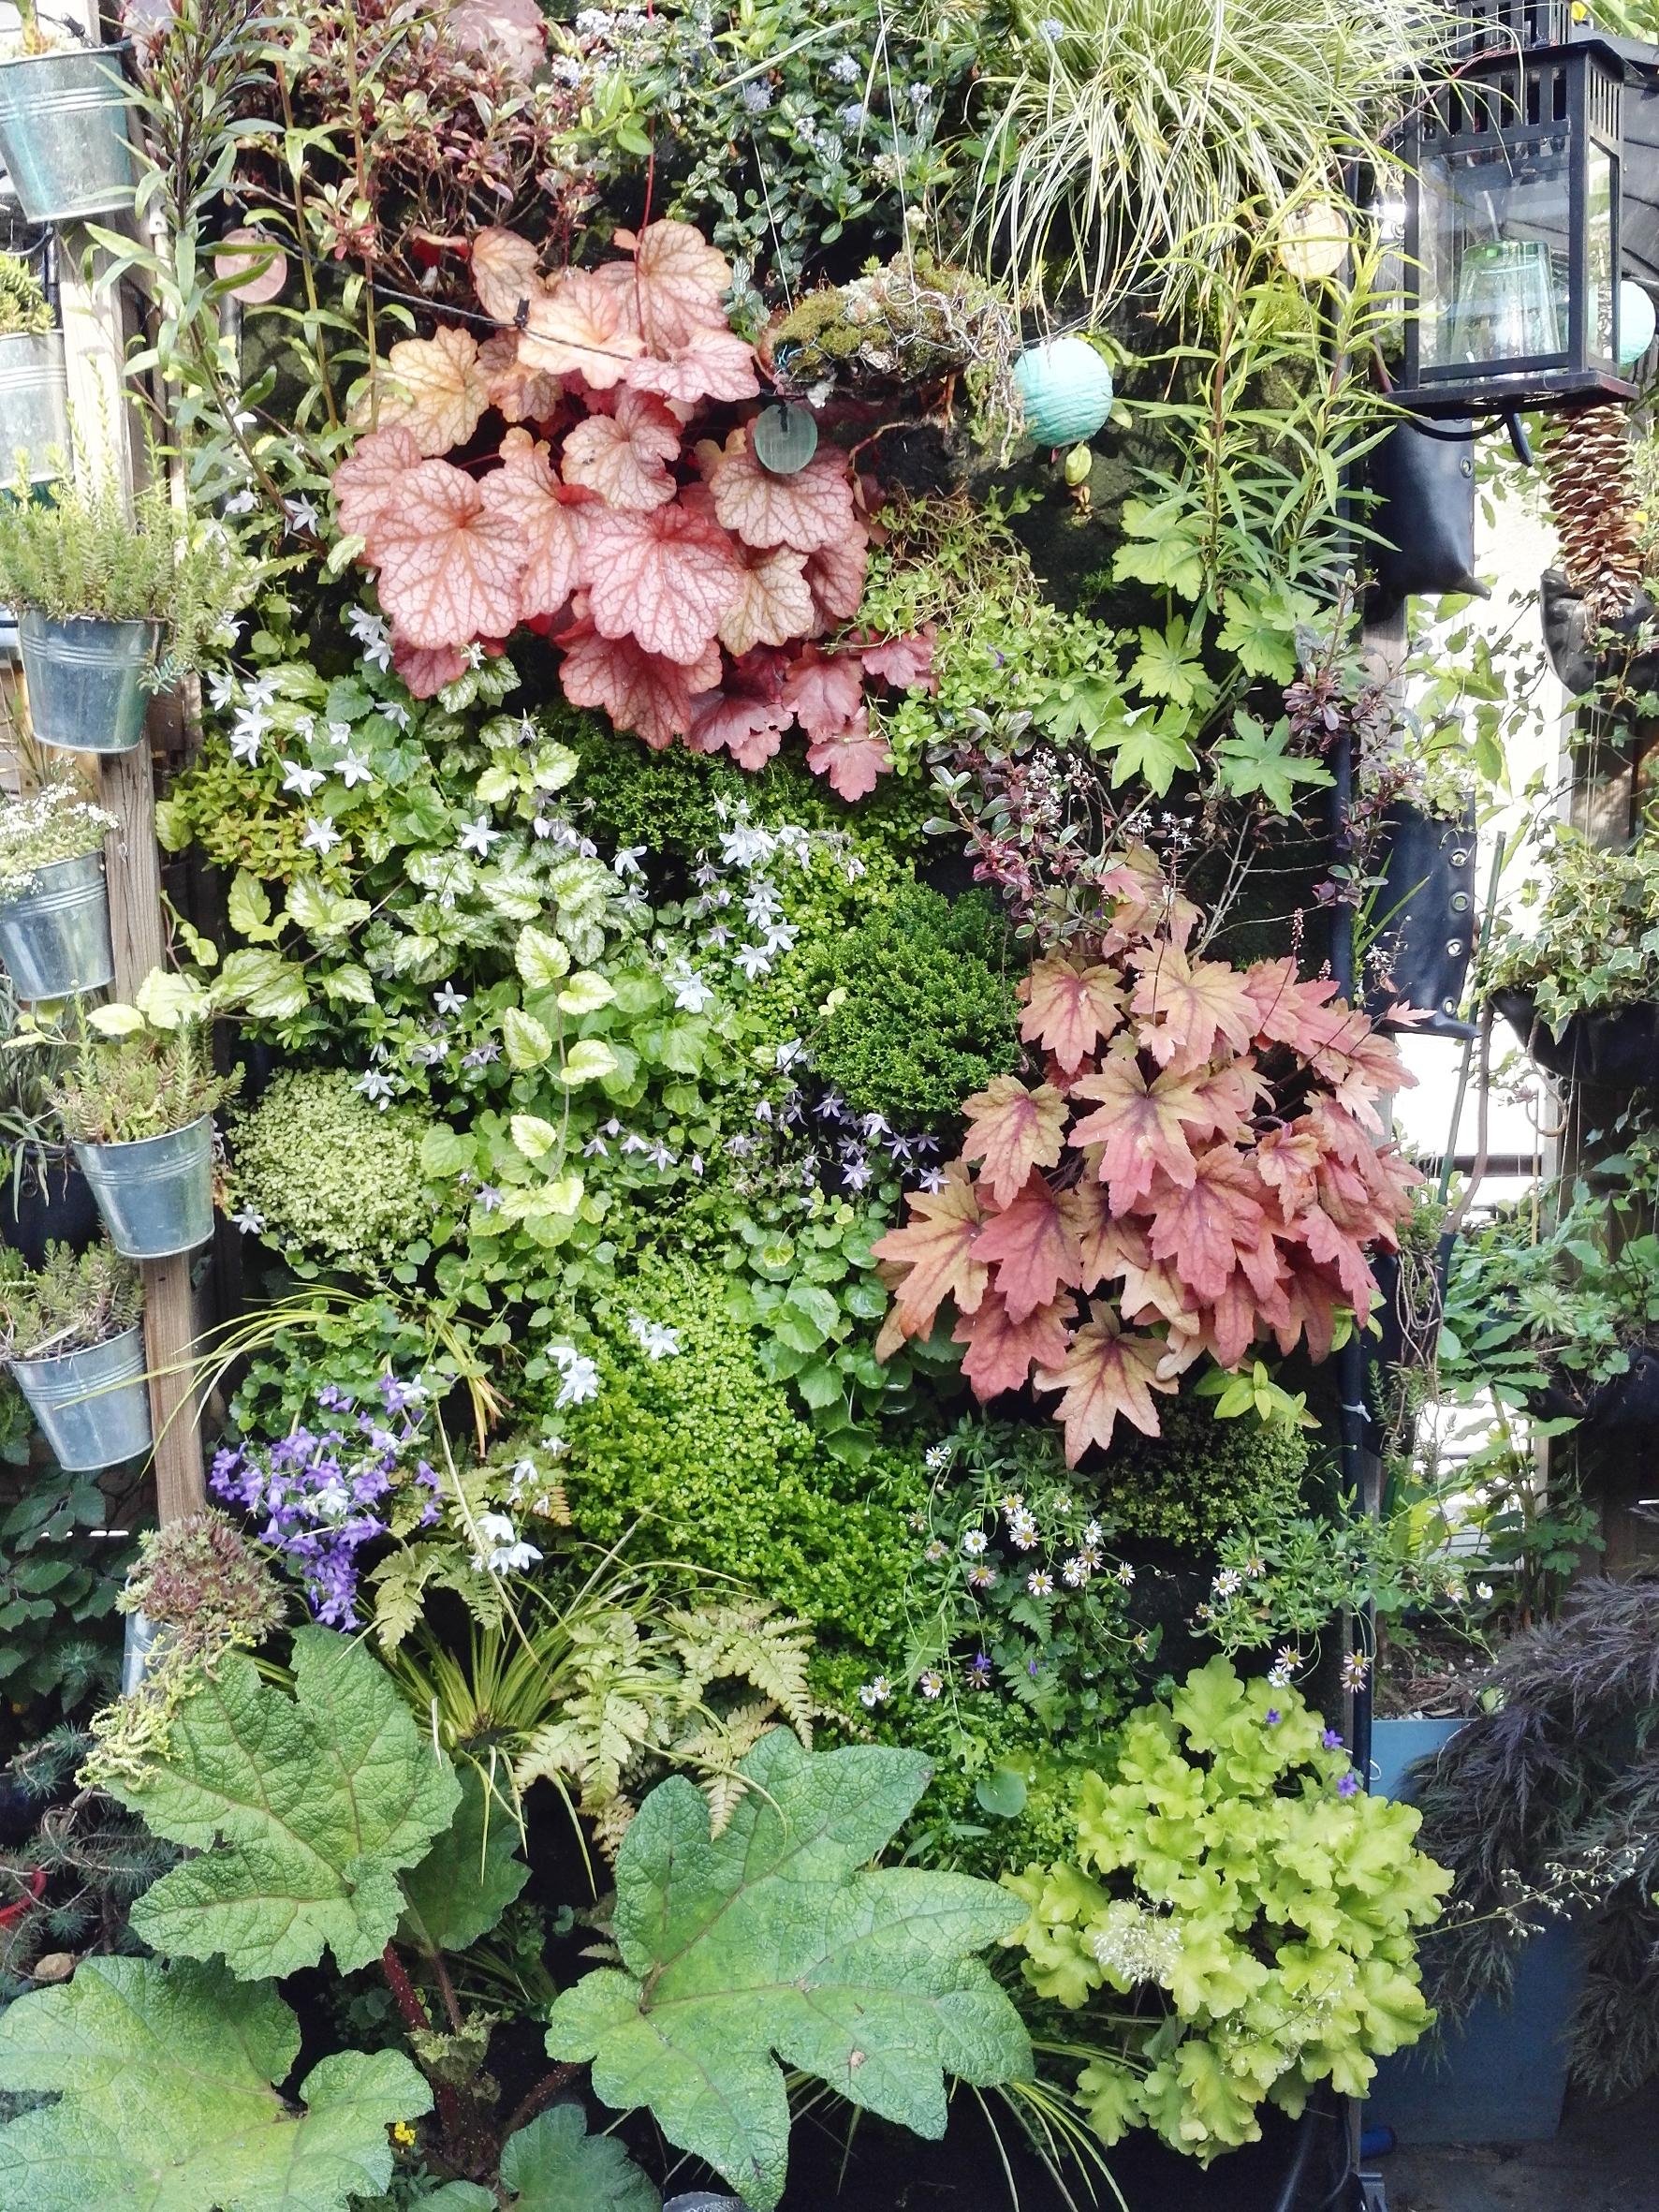 les laur ats 2016 du concours photos plantes vivaces soci t nationale d 39 horticulture de france. Black Bedroom Furniture Sets. Home Design Ideas